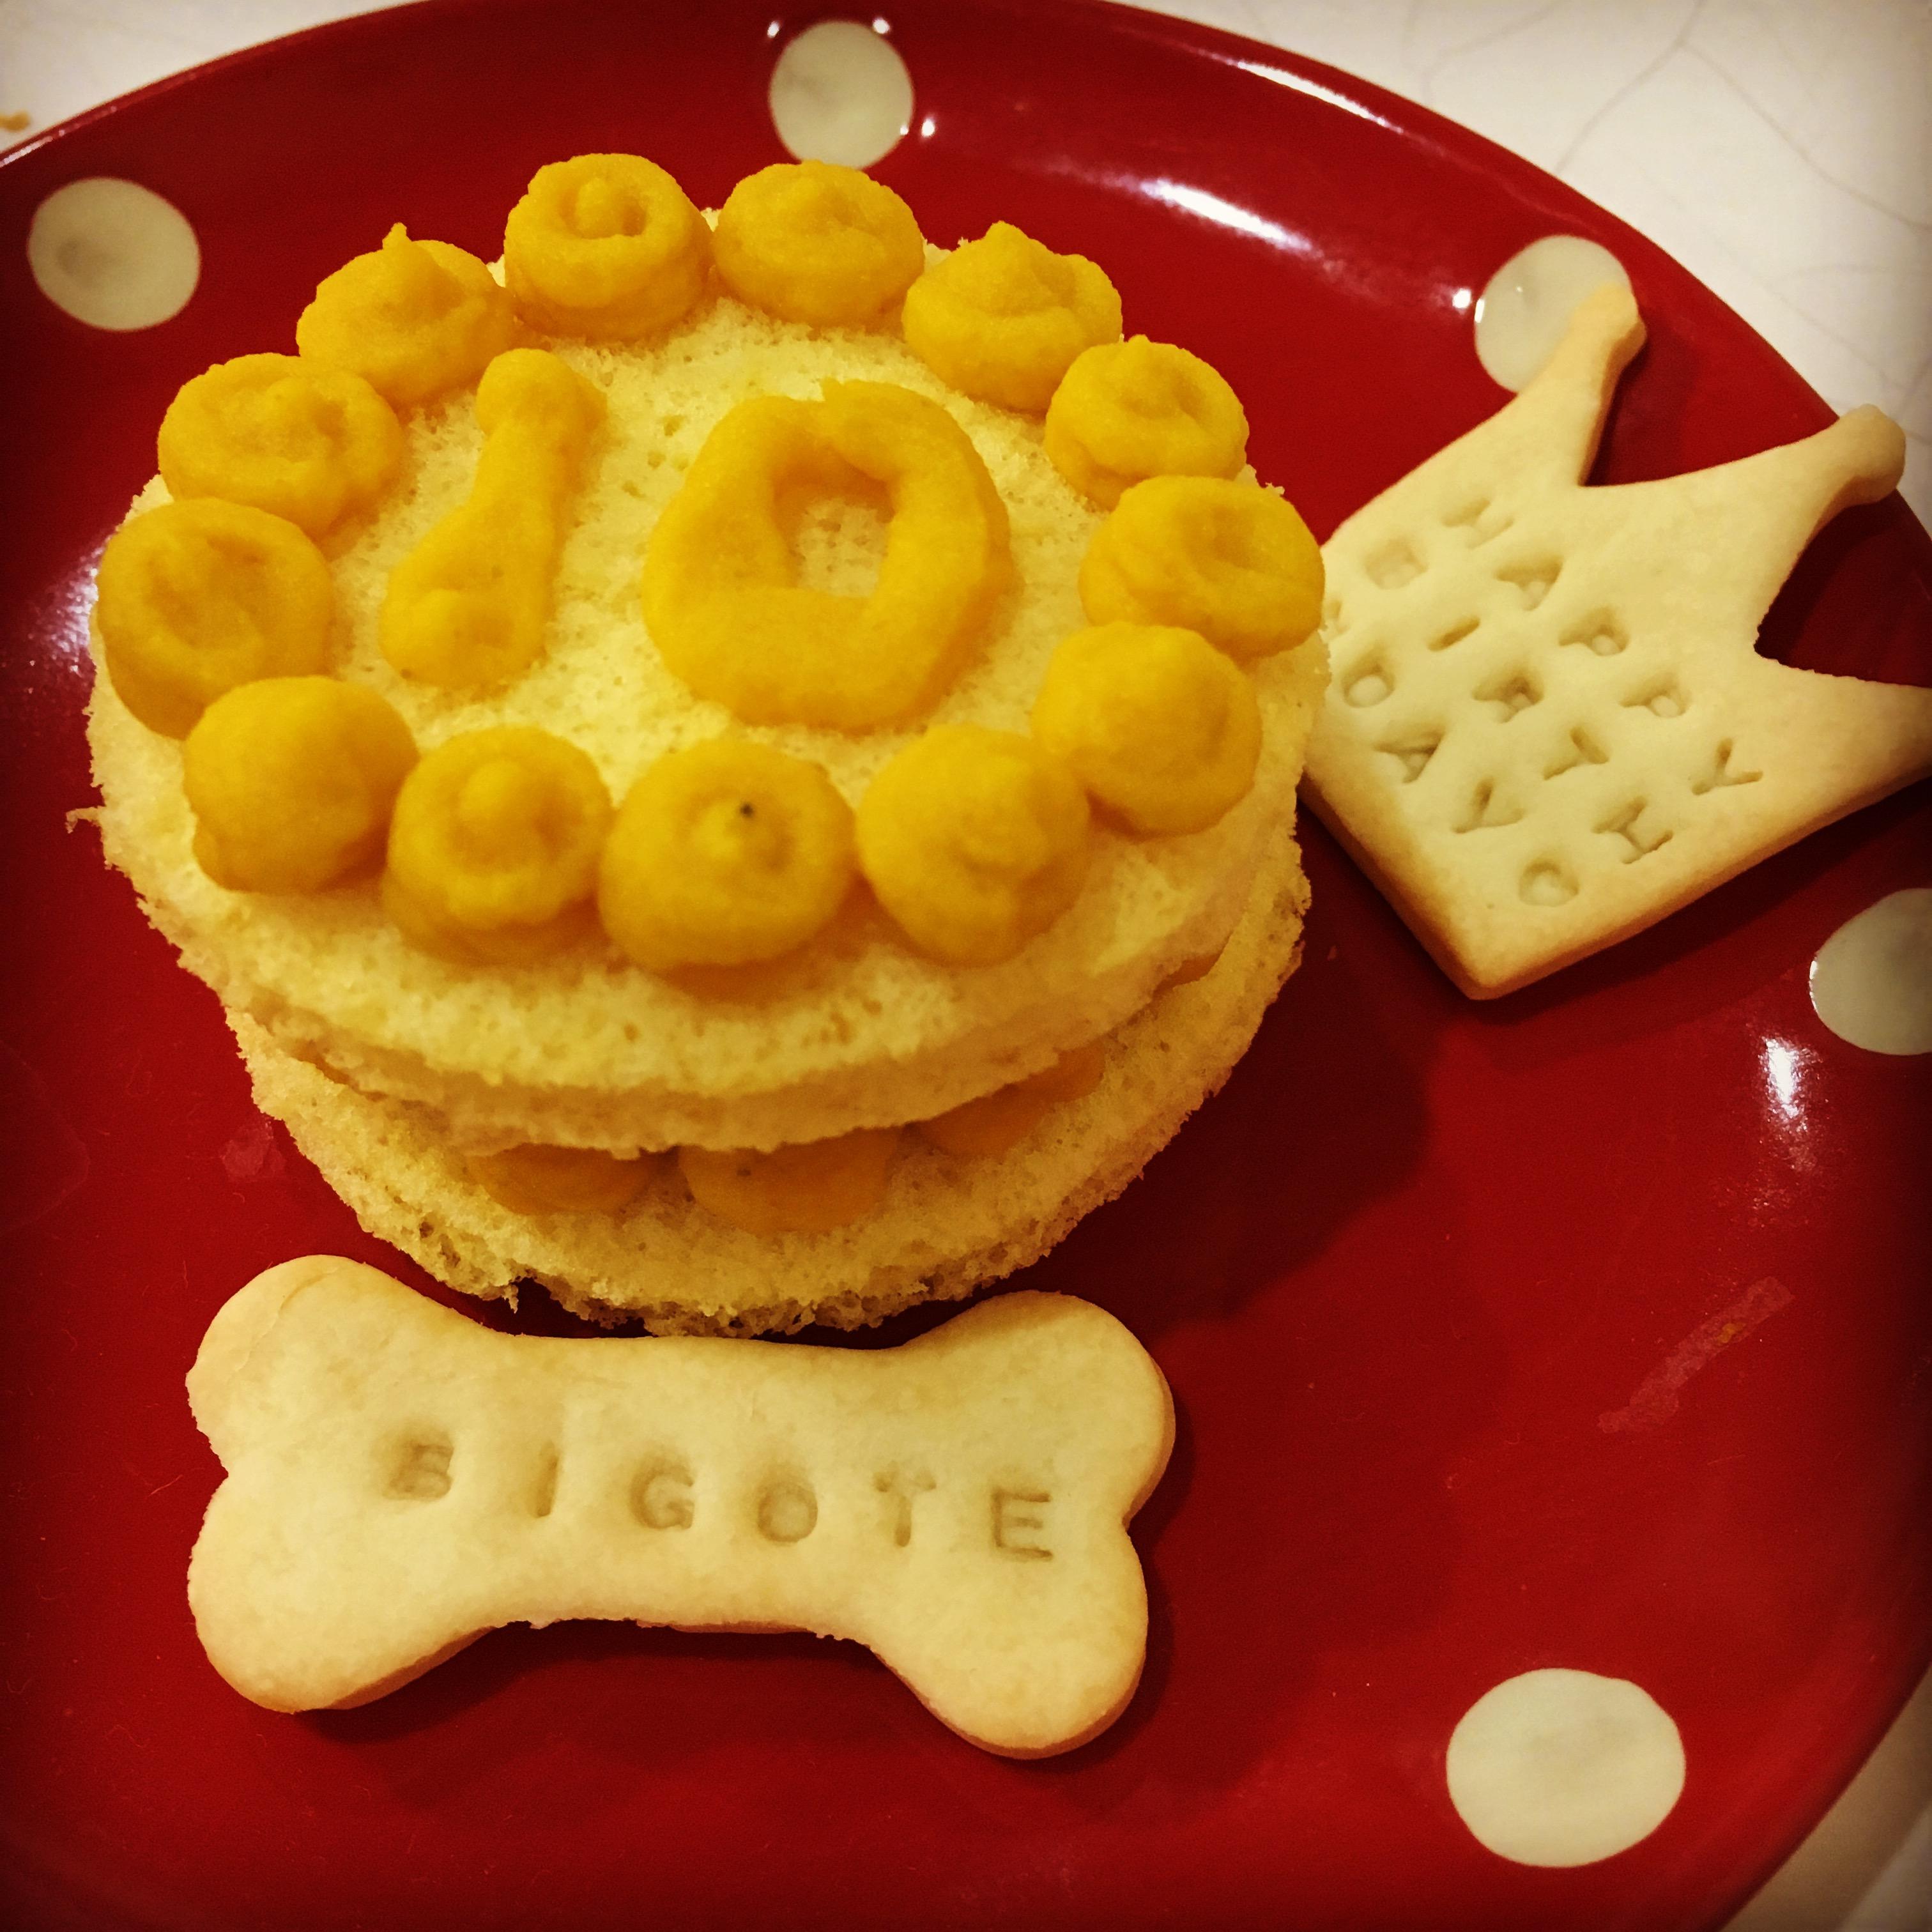 さつまいものミニ2段ケーキ(直径6cm) ※誕生日ケーキ もっと大きいものも作れます